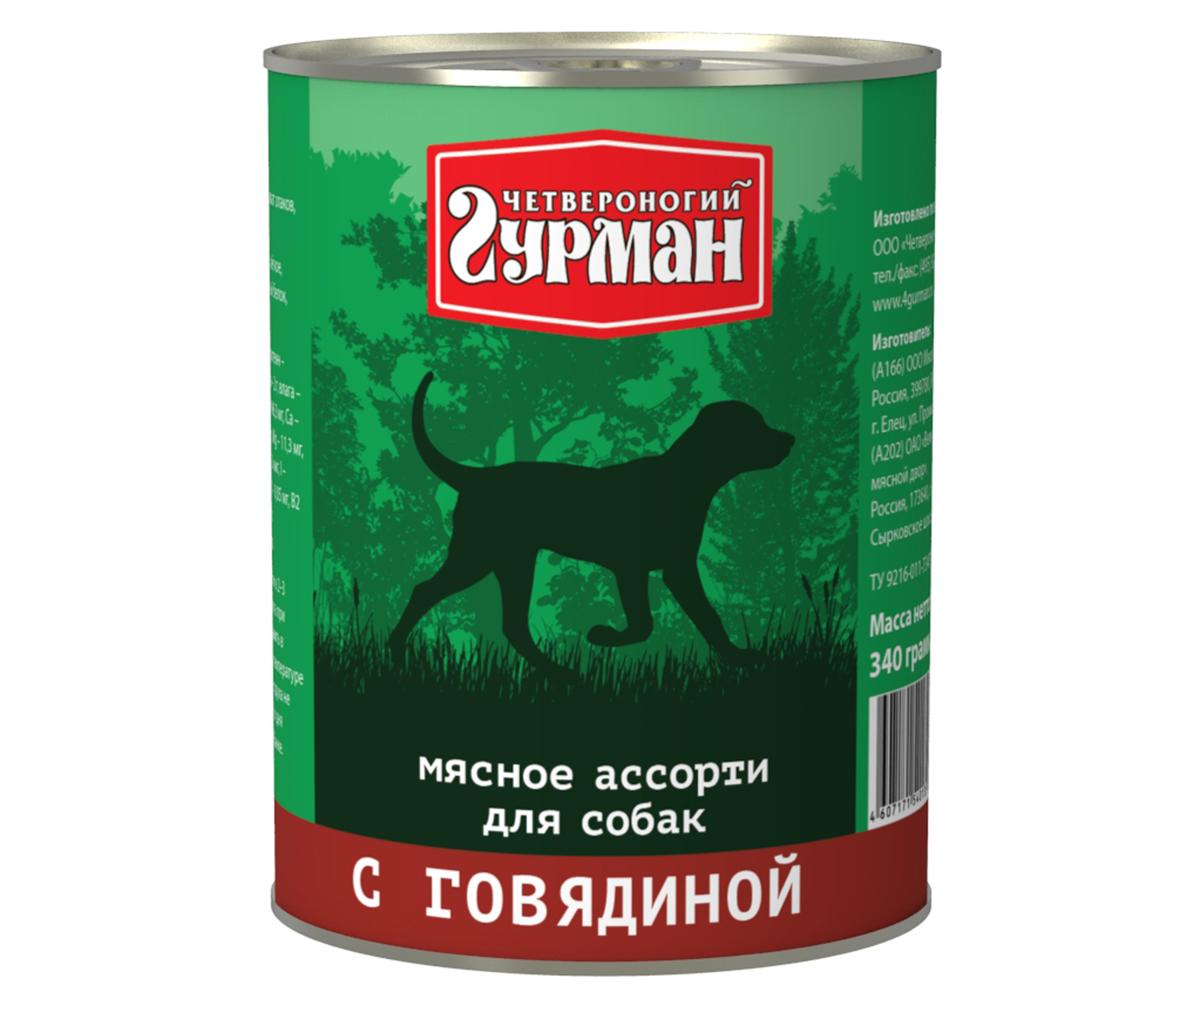 Консервы для собак Четвероногий гурман Мясное ассорти, с говядиной, 340 г. 1031090030120710Консервы для собак Четвероногий гурман Мясное ассорти - это влажный мясной корм суперпремиум класса, состоящий из разных сортов мяса и качественных субпродуктов. Корм не содержит синтетических витаминно-минеральных комплексов, злаков, бобовых и овощей. Никаких искусственных компонентов в составе: только натуральное, экологически чистое мясо от проверенных поставщиков. По консистенции продукт представляет собой кусочки из фарша размером 3-15 мм. В состав входит коллаген. Его компоненты (хондроитин и глюкозамин) положительно воздействуют на суставы питомца. Состав: говядина (20%), сердце (20%), рубец, легкое, печень, коллагенсодержащее сырьё, животный белок, масло растительное, вода. Пищевая ценность (в 100 г продукта): протеин 10,5 г, жир 6,2 г, клетчатка 0,5 г, сырая зола 2 г, влага 80 г. Минеральные вещества: P 106,3мг, Са 10,8 мг, Na 159,6 мг, Cl 208,9 мг, Mg 11,3 мг, Fe 3,7 мг, Cu 215,3 мкг, I 4,34 мкг. Витамины: А, E, В1, В2, B3, B5, B6. Энергетическая ценность (на 100 г): 102 ккал. Товар сертифицирован.